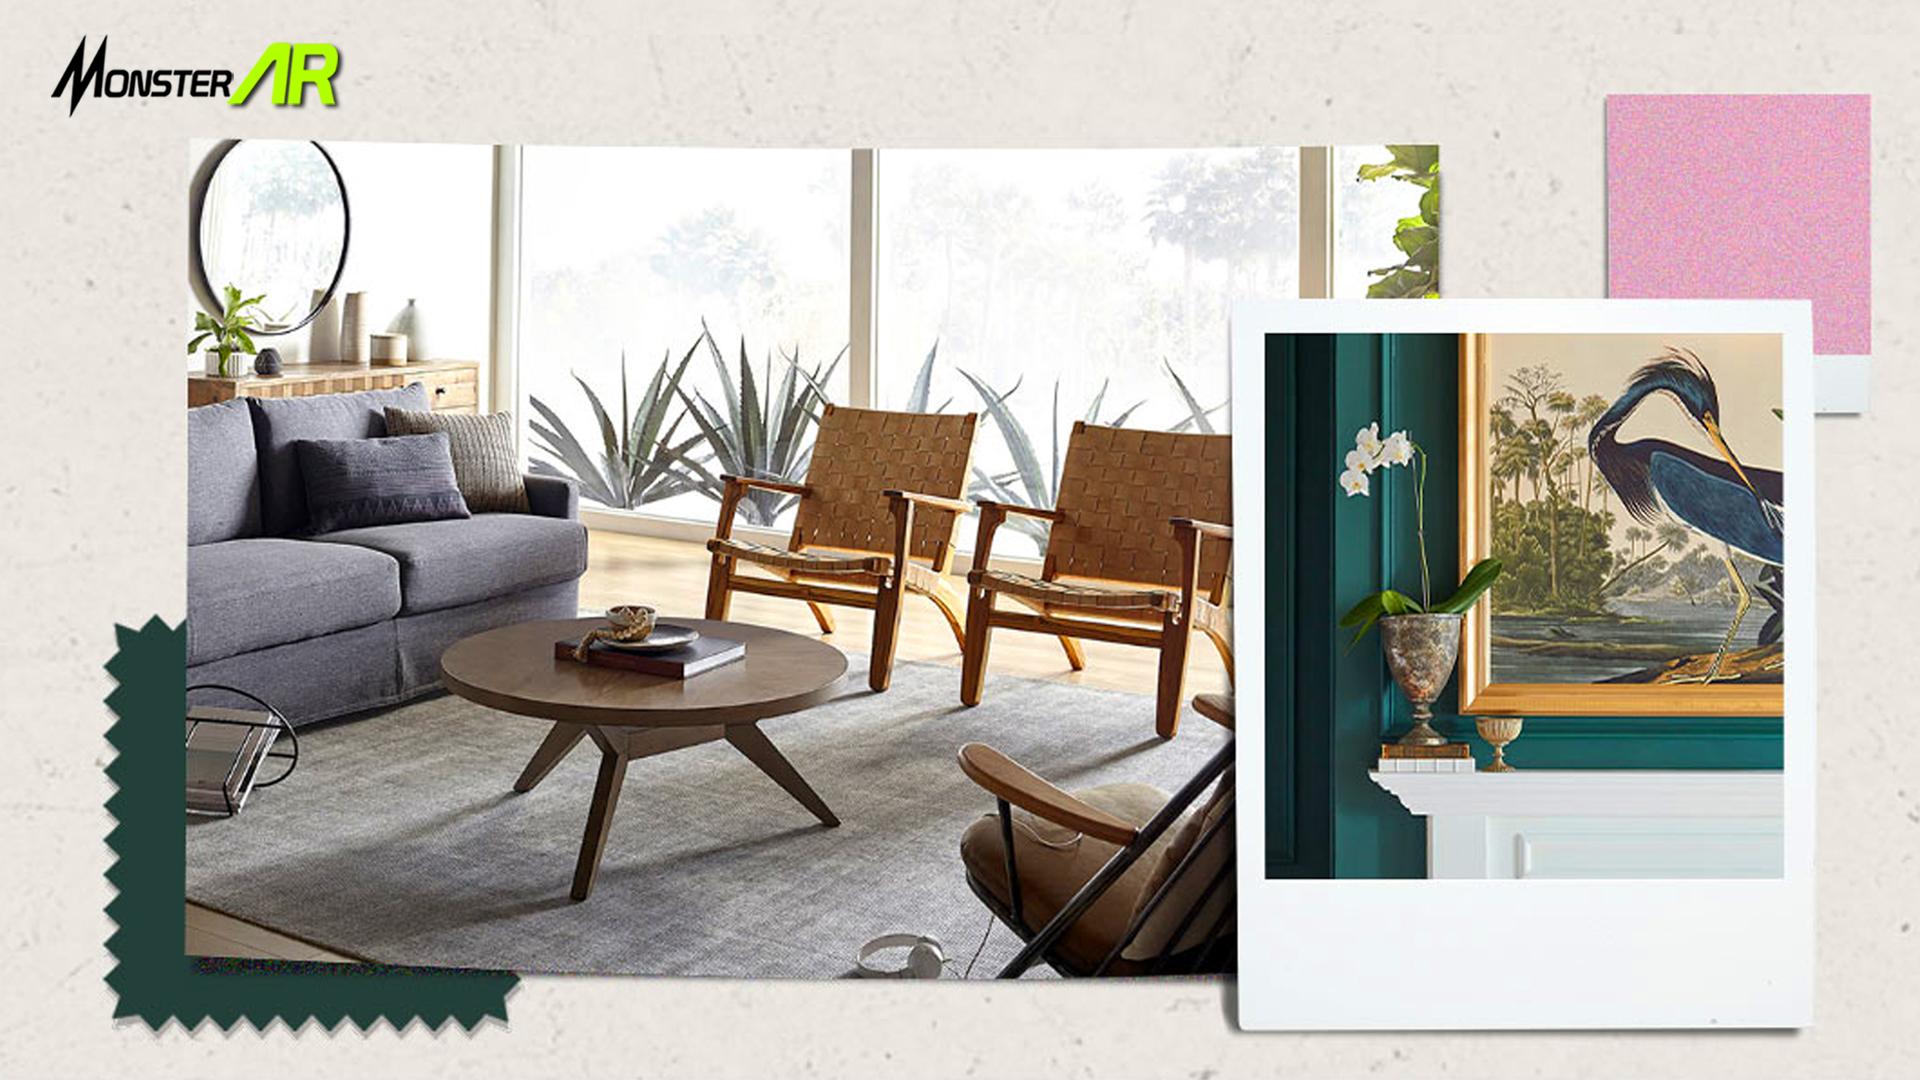 amazon-habiskan-uang-di-bidang-furniture-dengan-aplikasi-quotshowroomquot